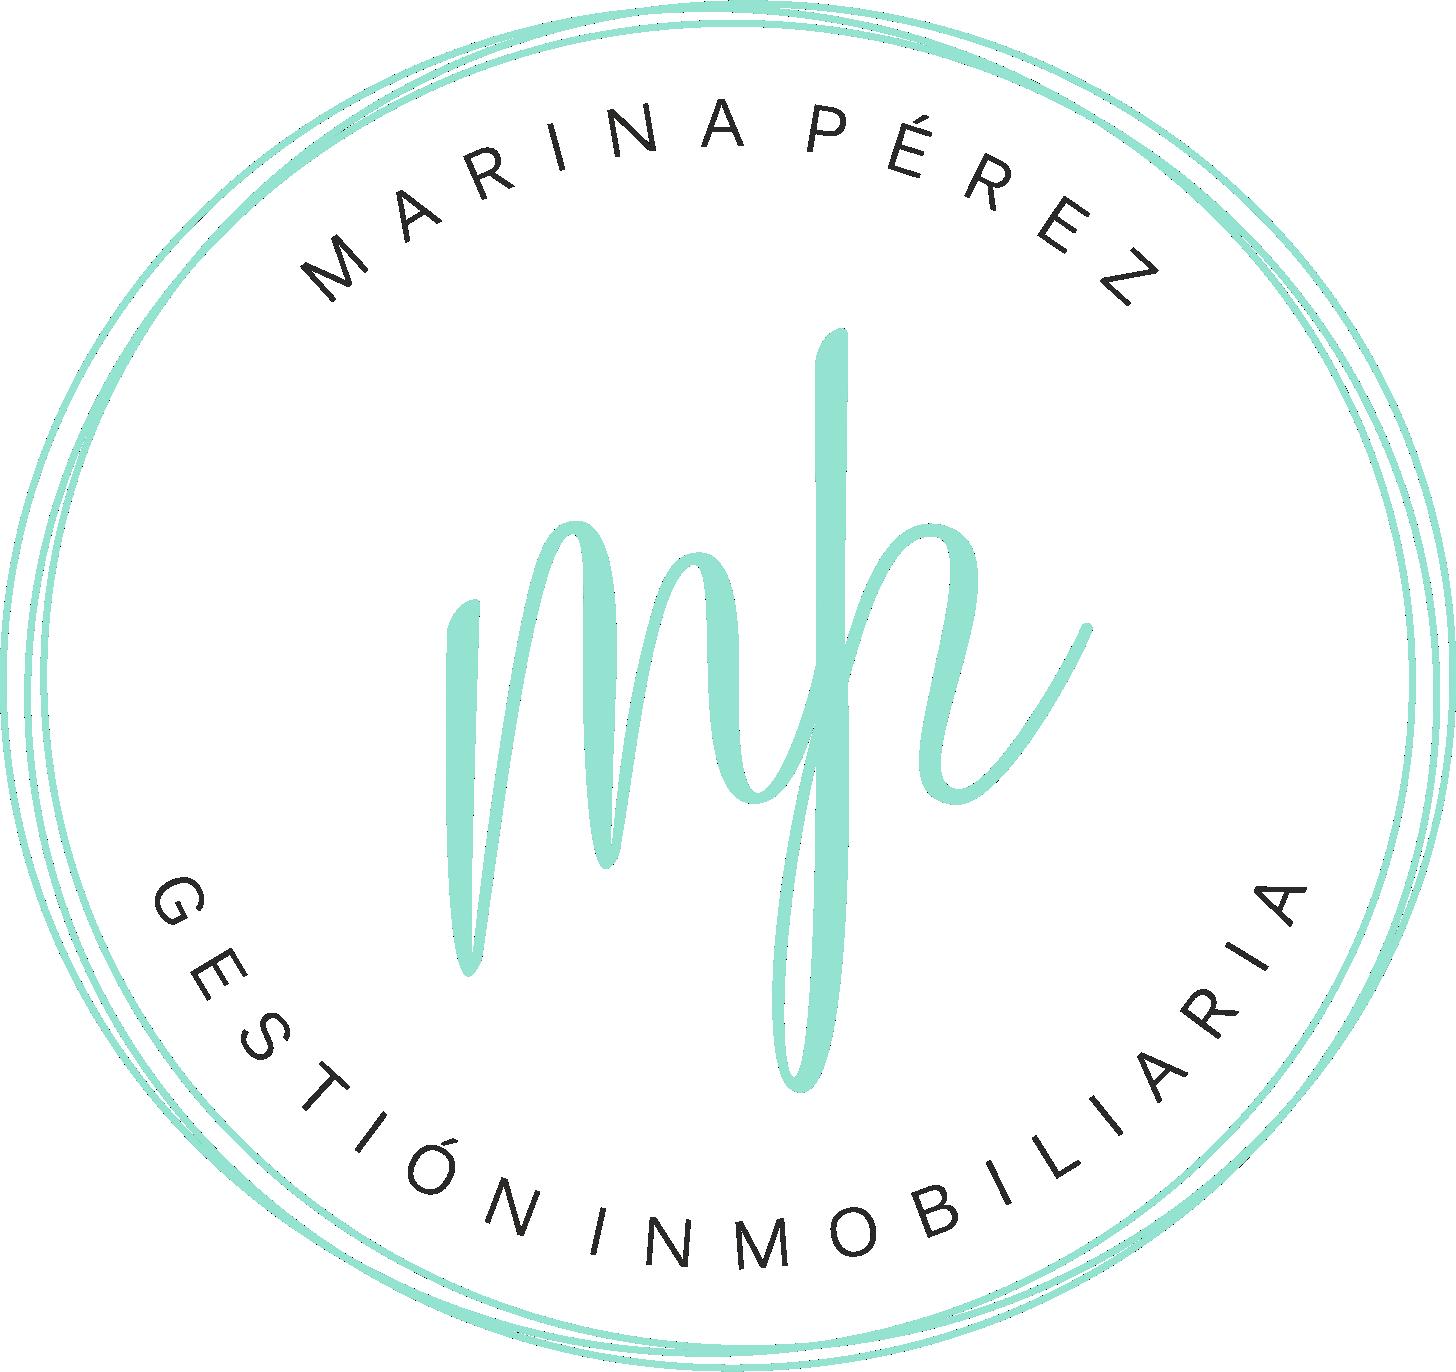 MarinaPerez.com